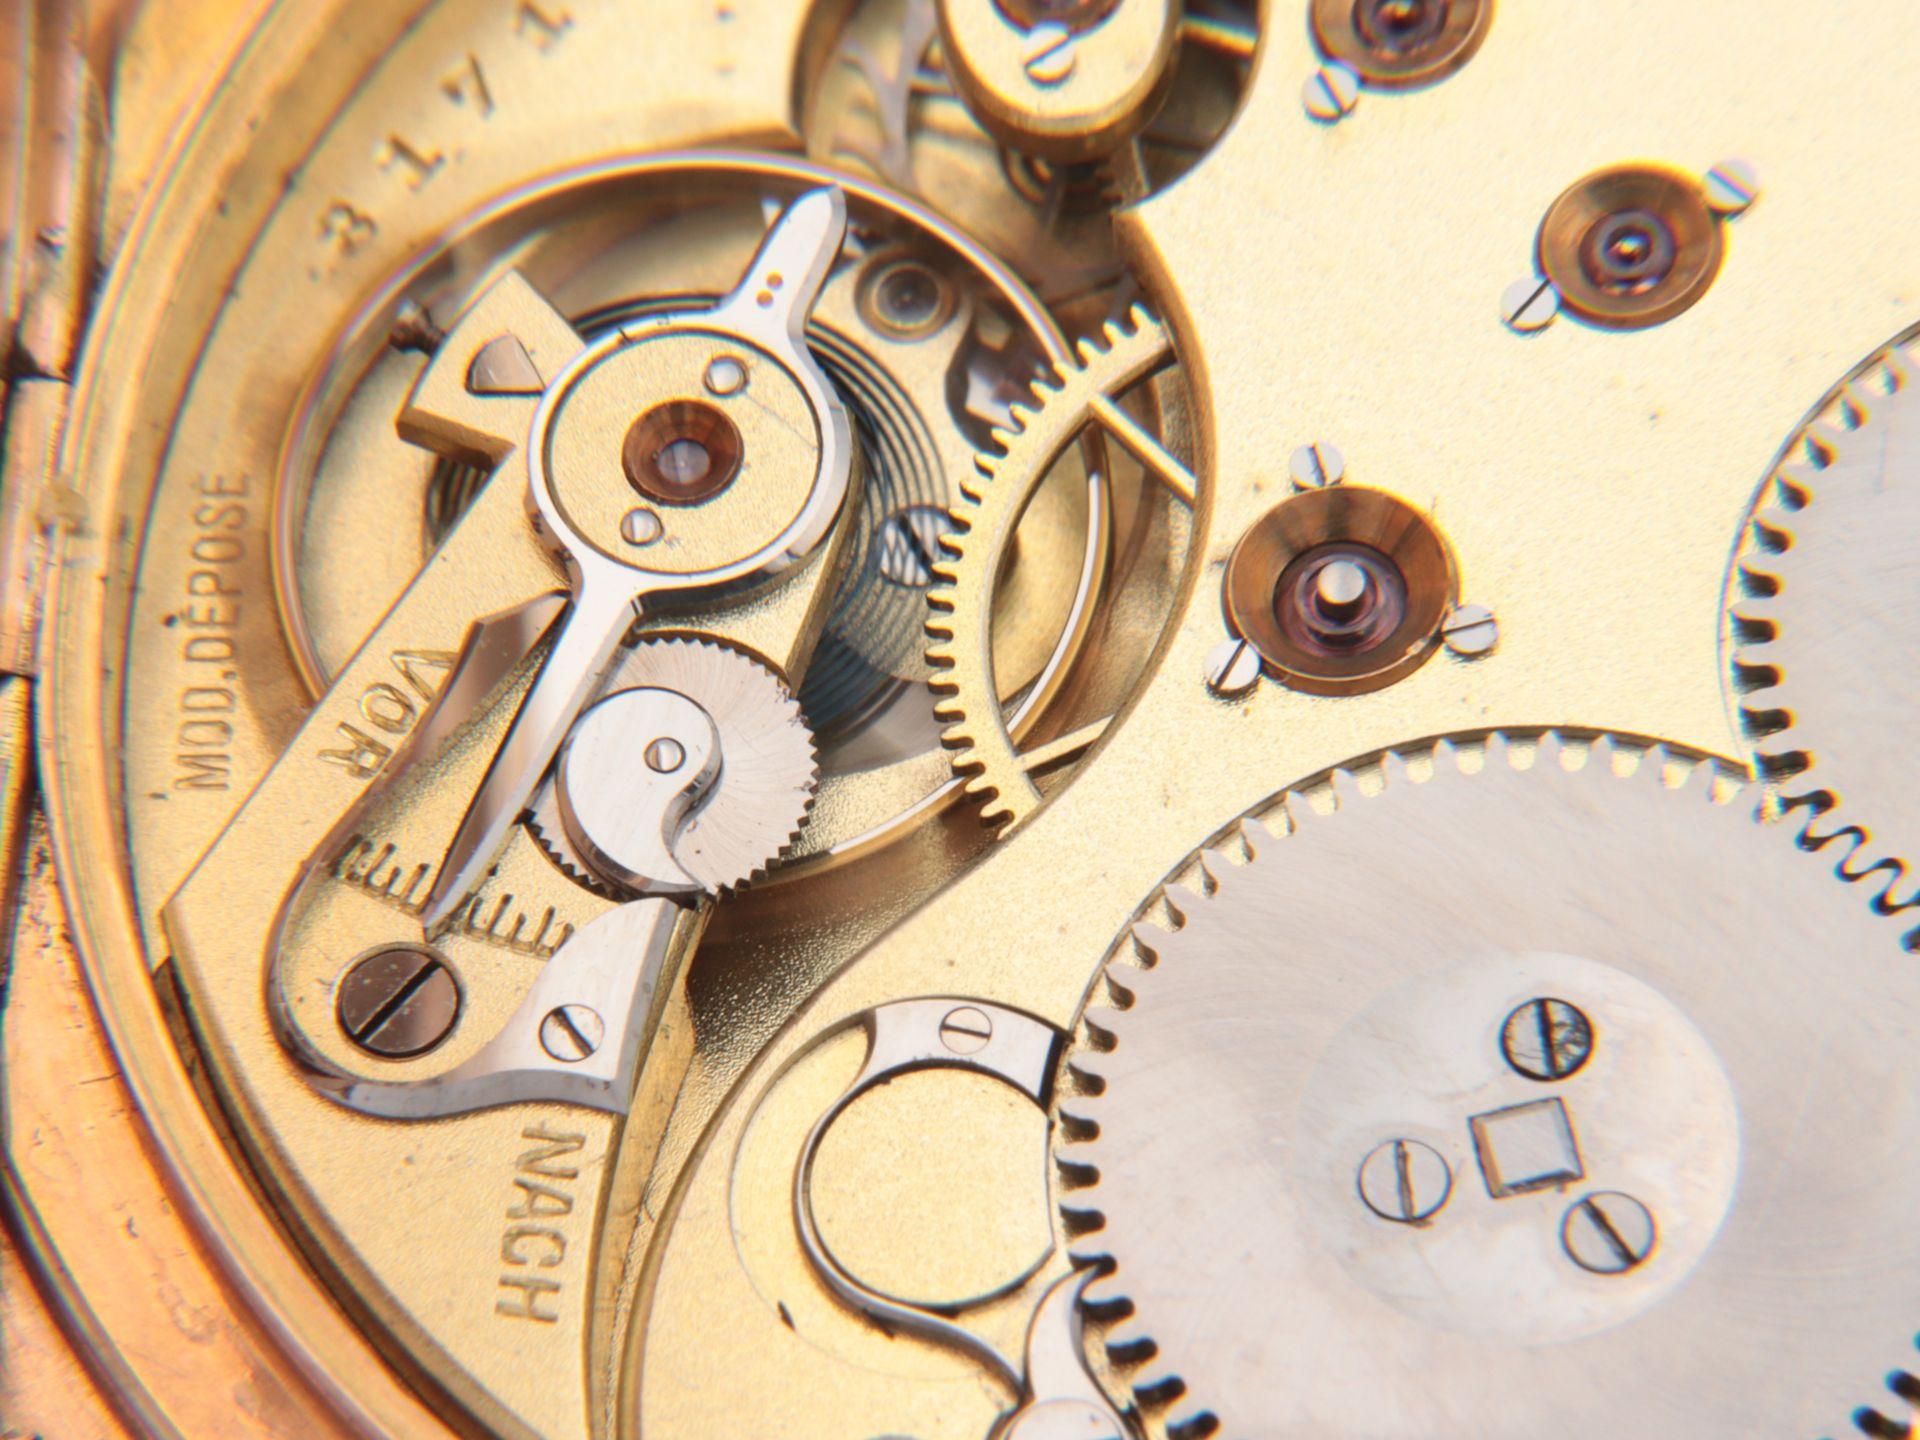 IWC – Herrentaschenuhr Gelbgold 585, 14Kt, Savonette, Dca.5cm, weißes Emailzifferbl - Image 3 of 22